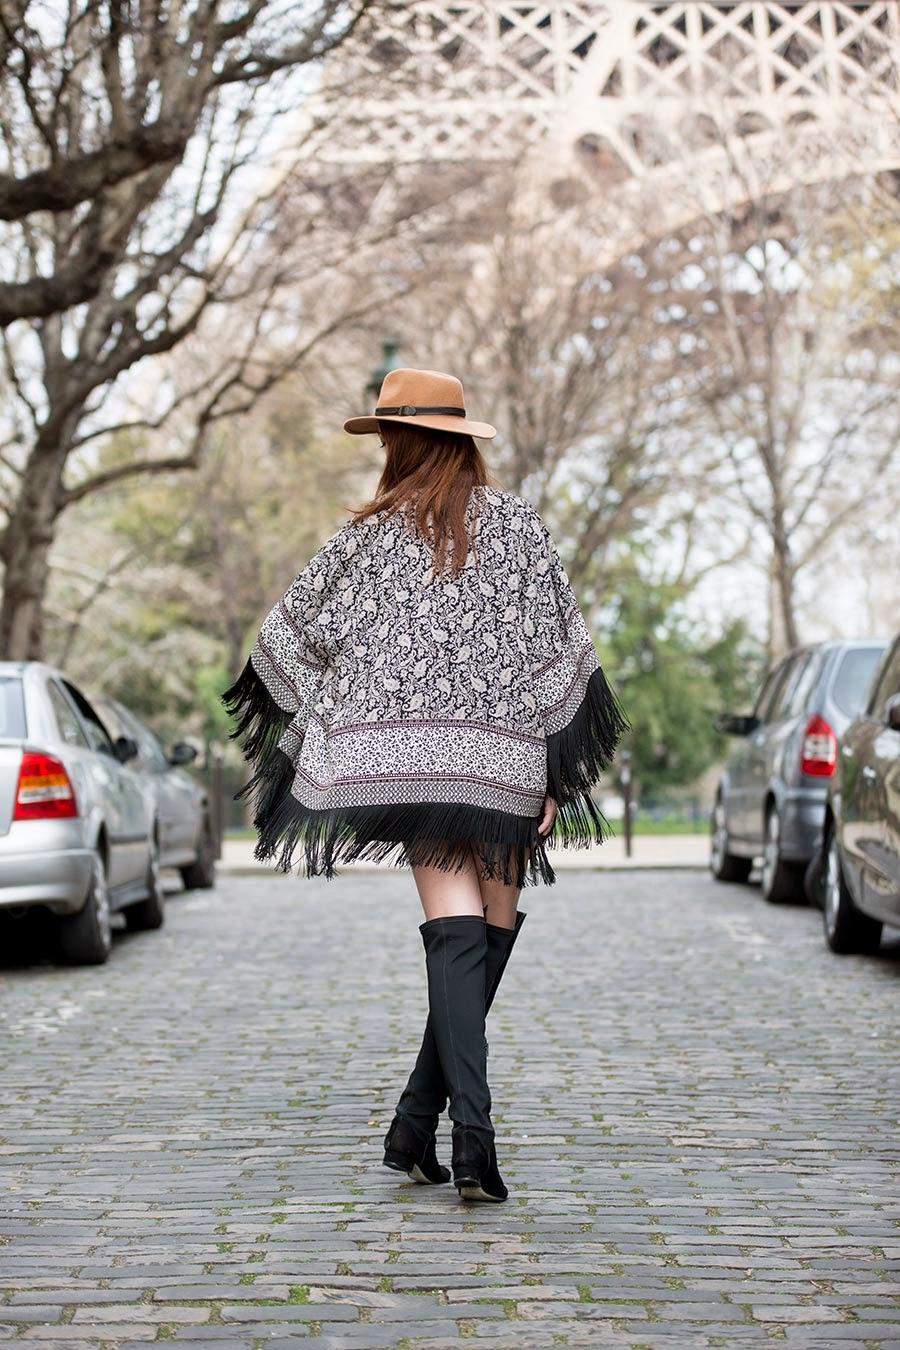 roupas da moda, vestido curto preto + quimono com franjas + chapéu + bota cano longo